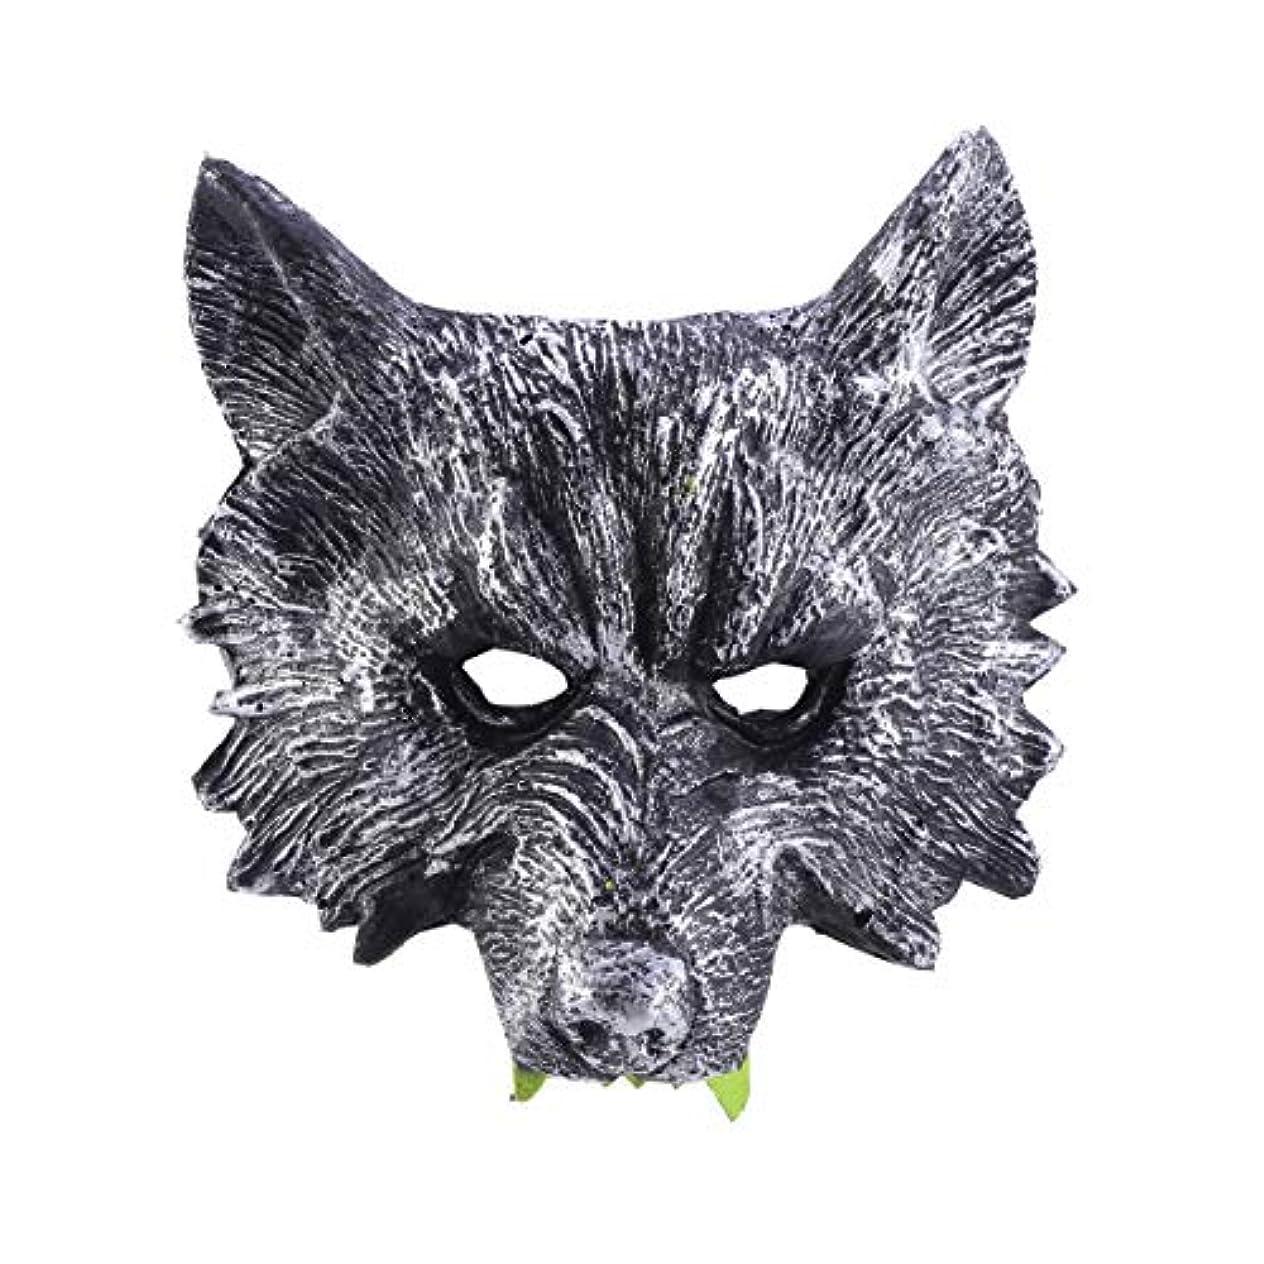 世辞パズル送るToyvian ハロウィーン仮装パーティーのための灰色オオカミマスク